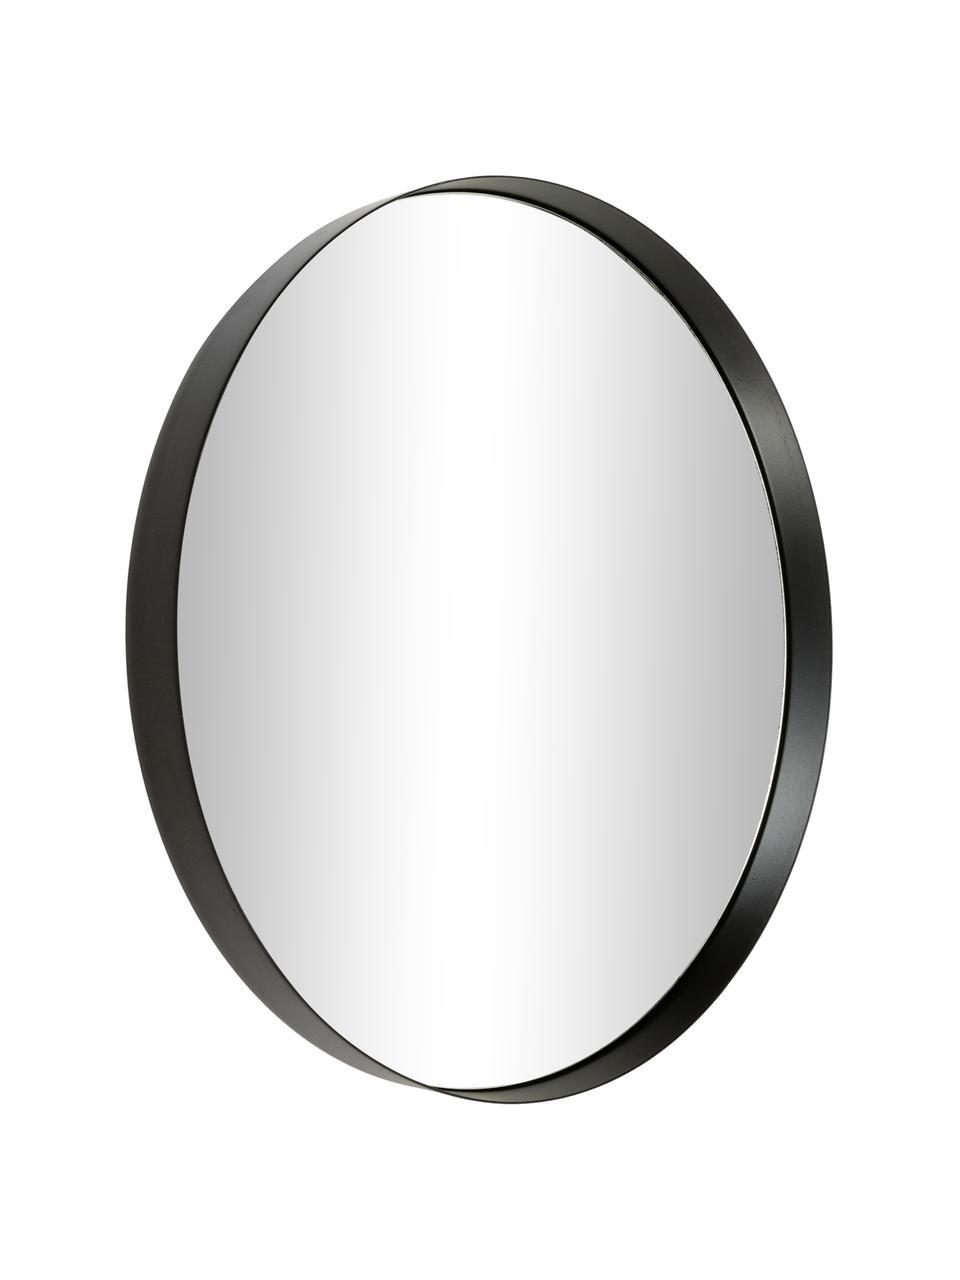 Runder Wandspiegel Metal mit schwarzem Metallrahmen, Rahmen: Metall, lackiert, Spiegelfläche: Spiegelglas, Schwarz, Ø 30 x T 3 cm